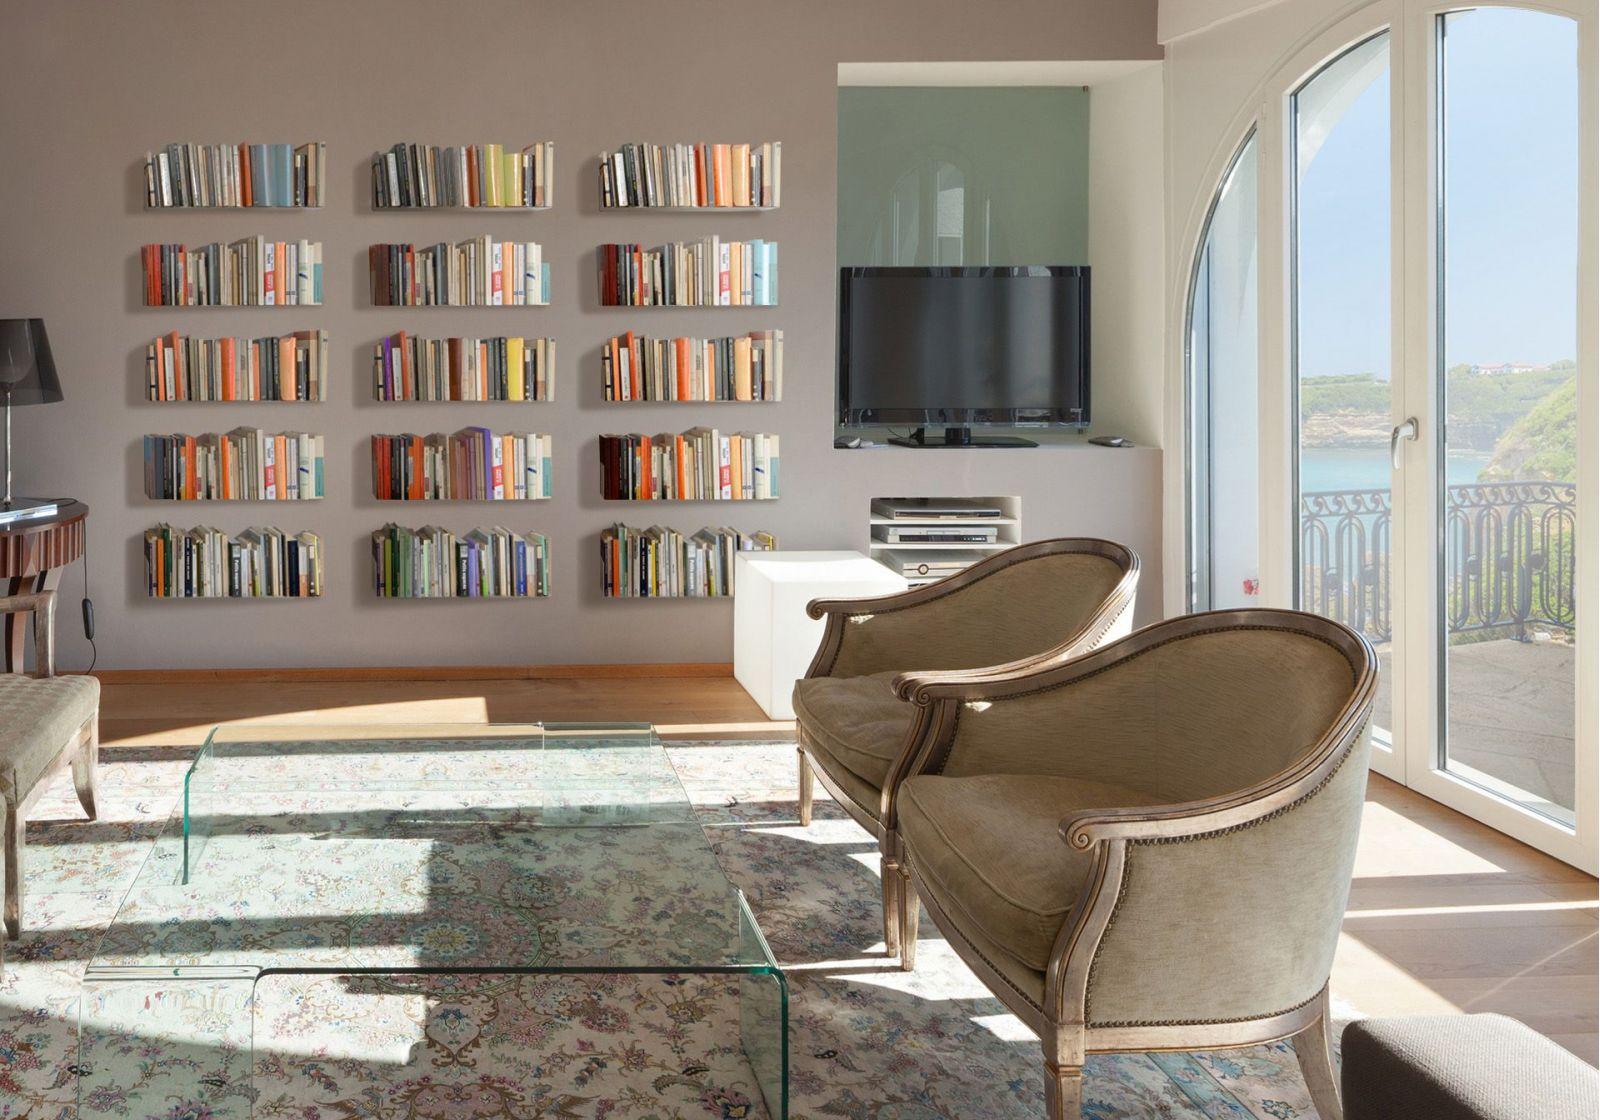 Bücherregal design wand  Bücherregale